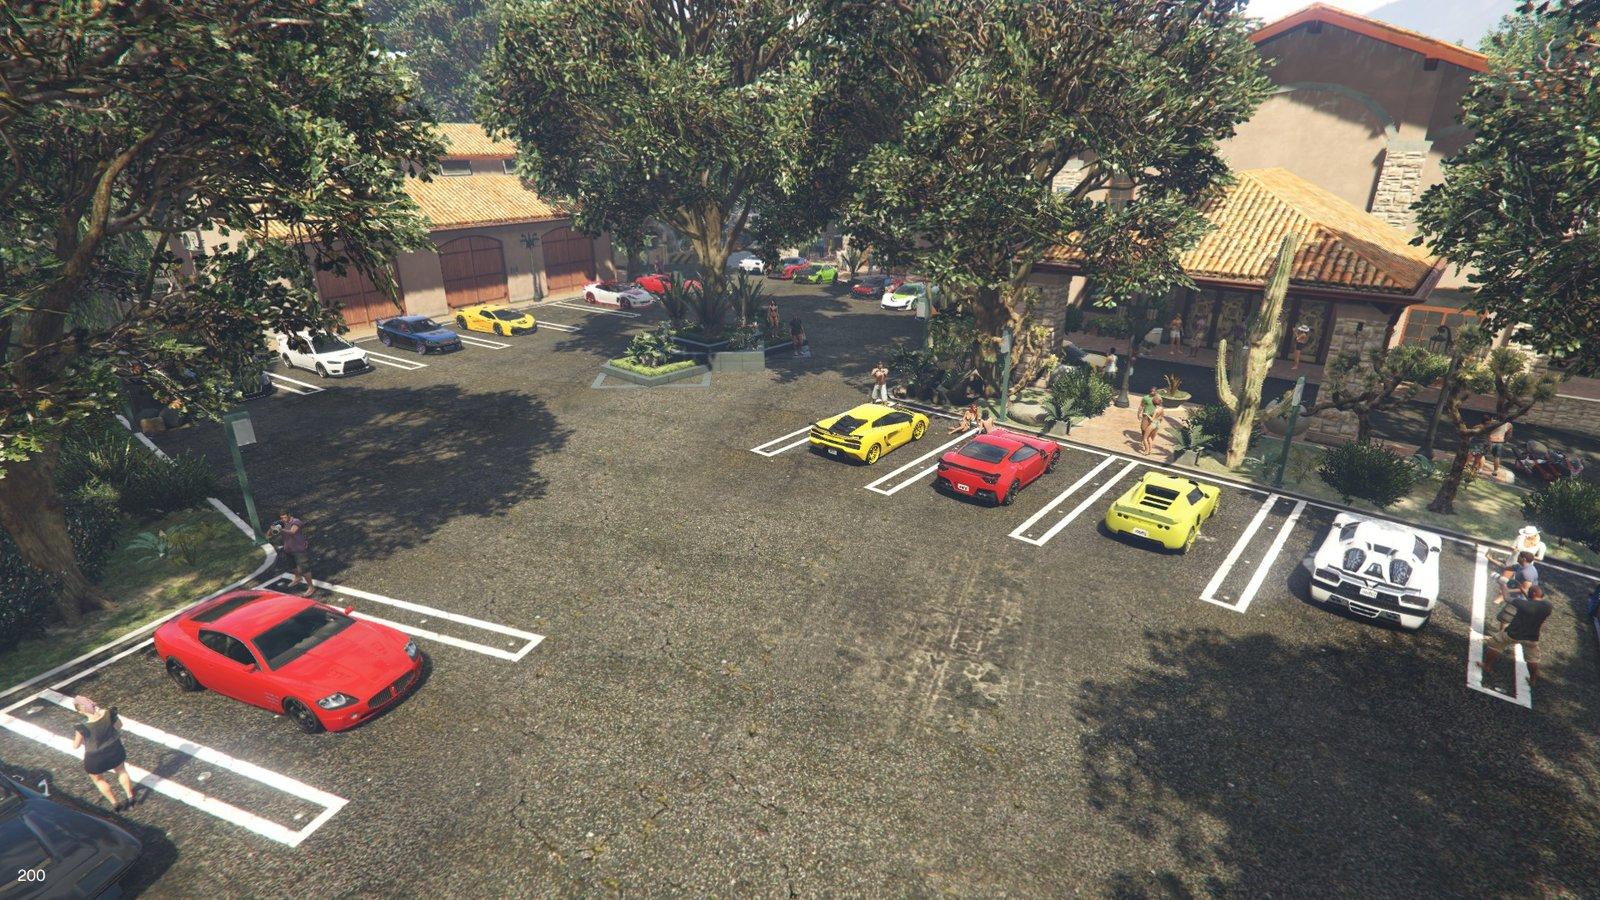 Where Do You Park Trevors Cars